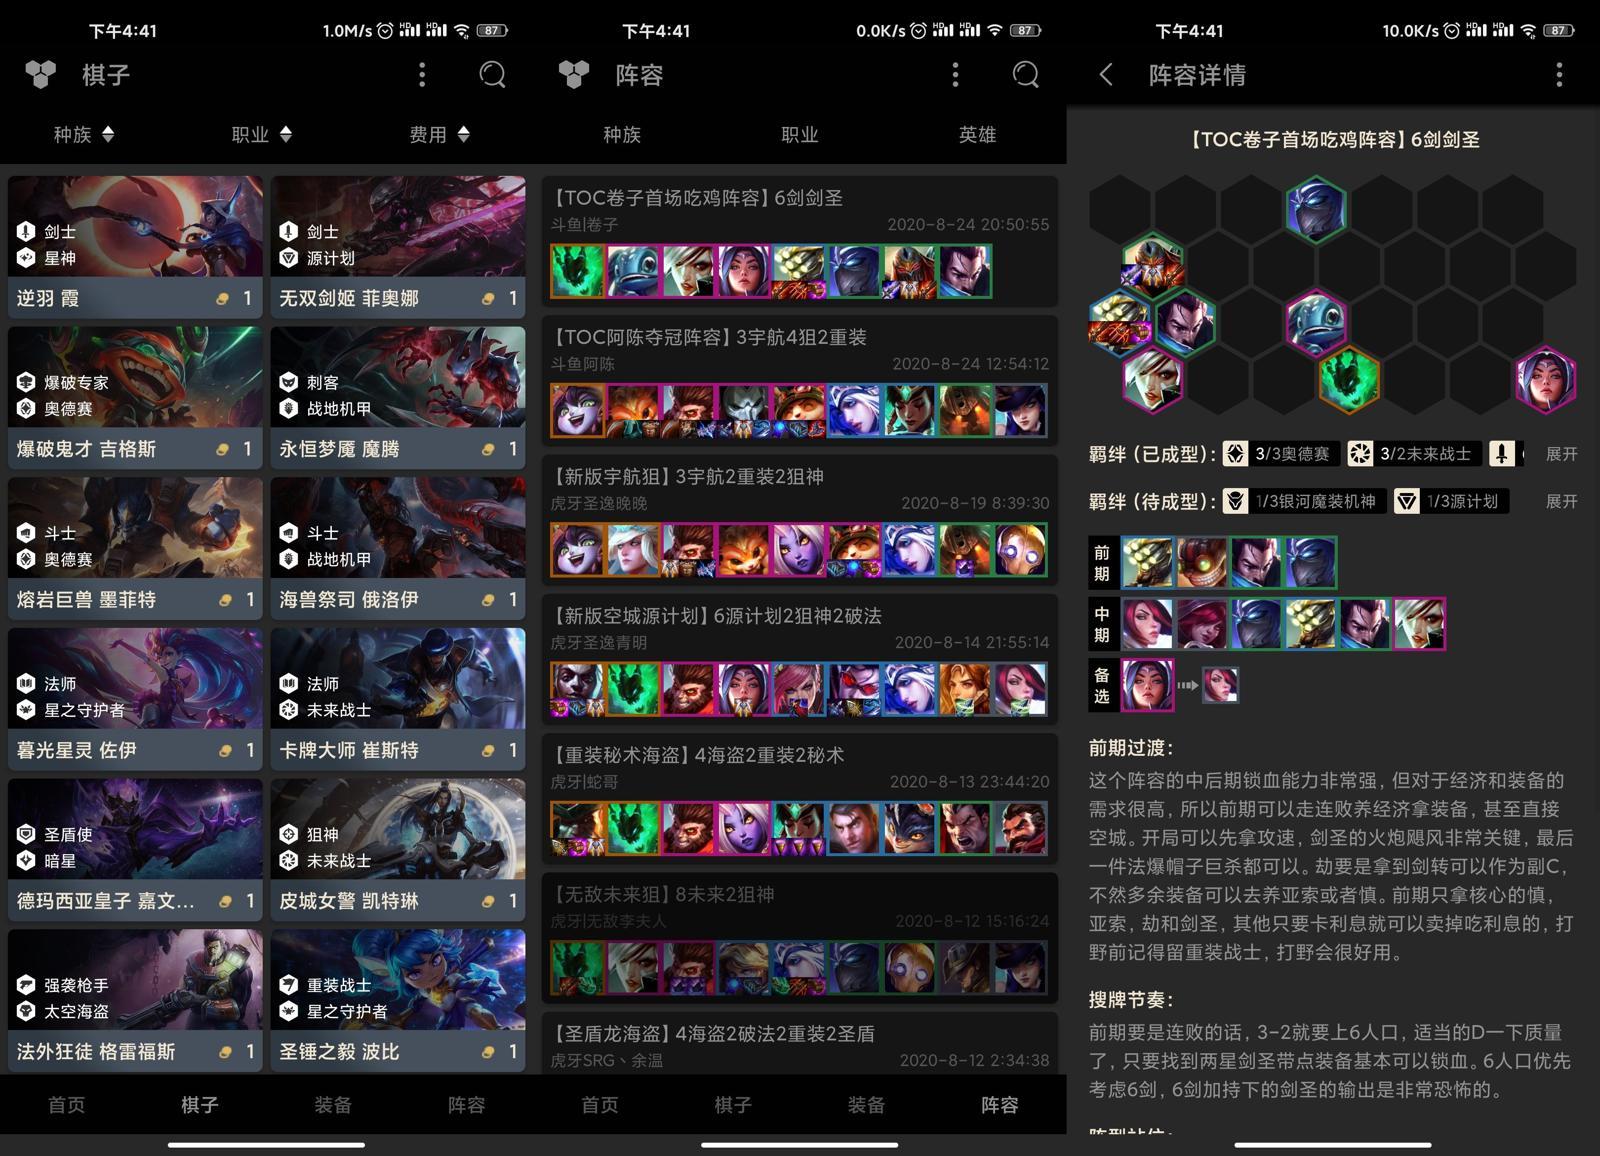 安卓英雄联盟云顶之弈资料库,云顶之弈资料库APP,实时模拟对战阵容!